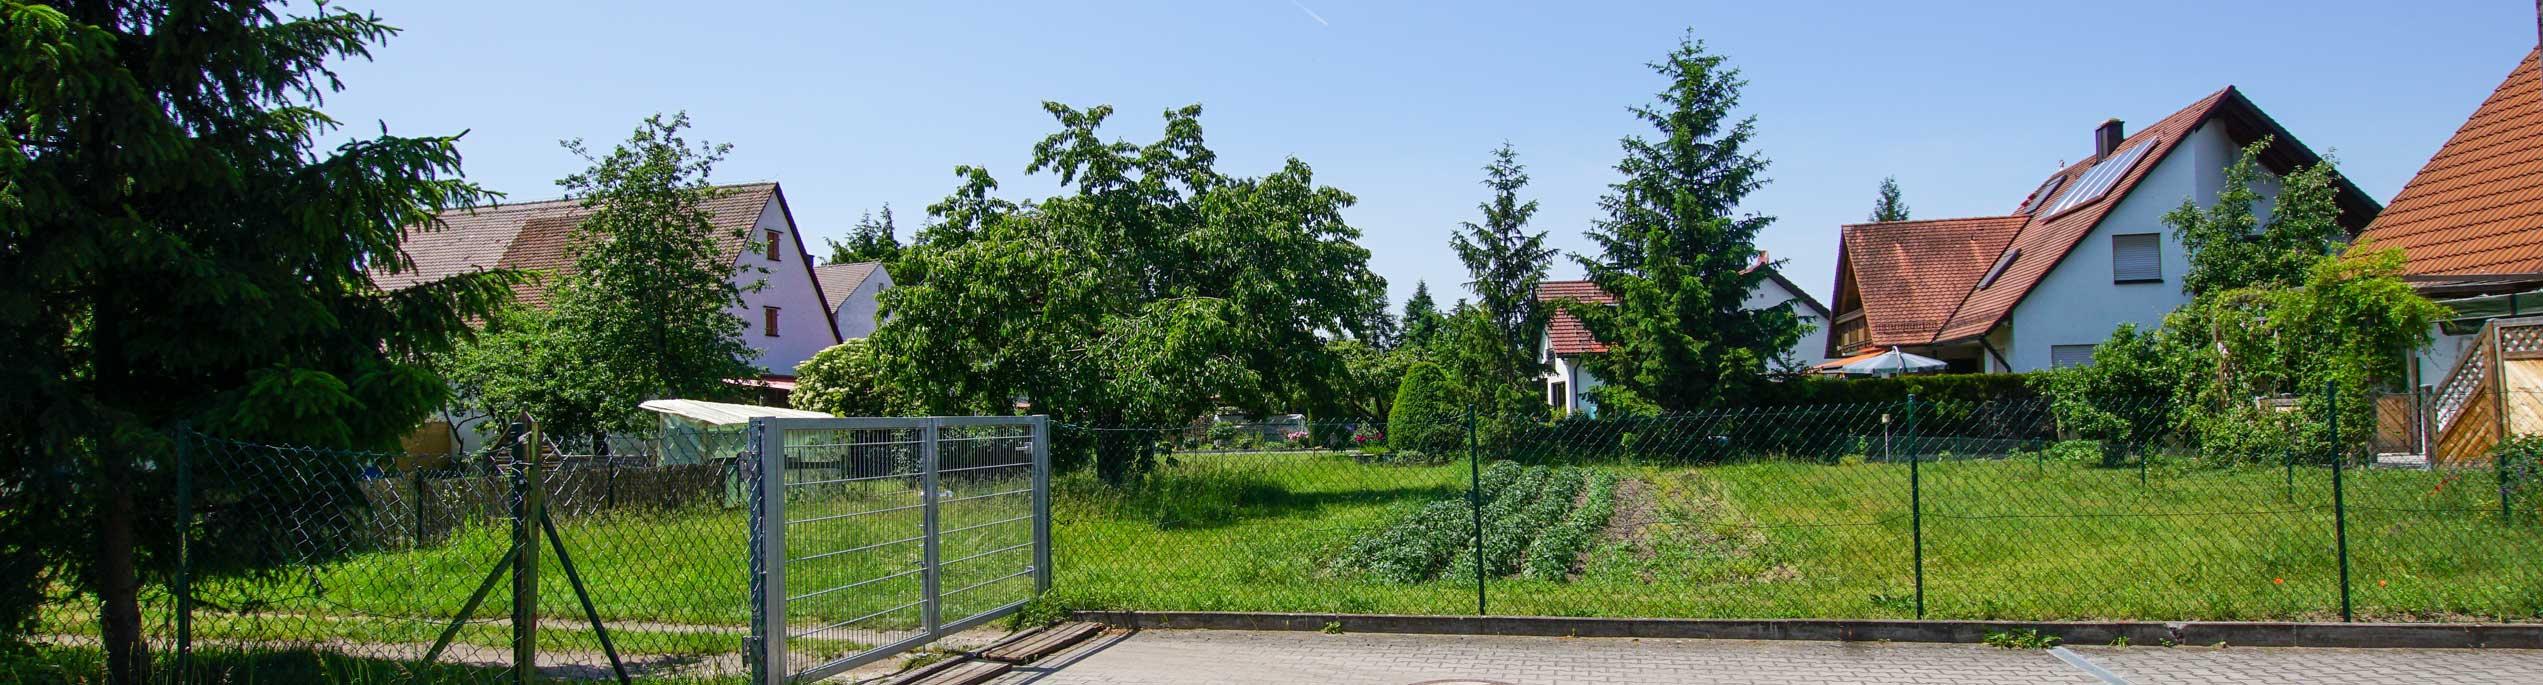 grundstück-kaufen-nürnberg-kornburg.jpg